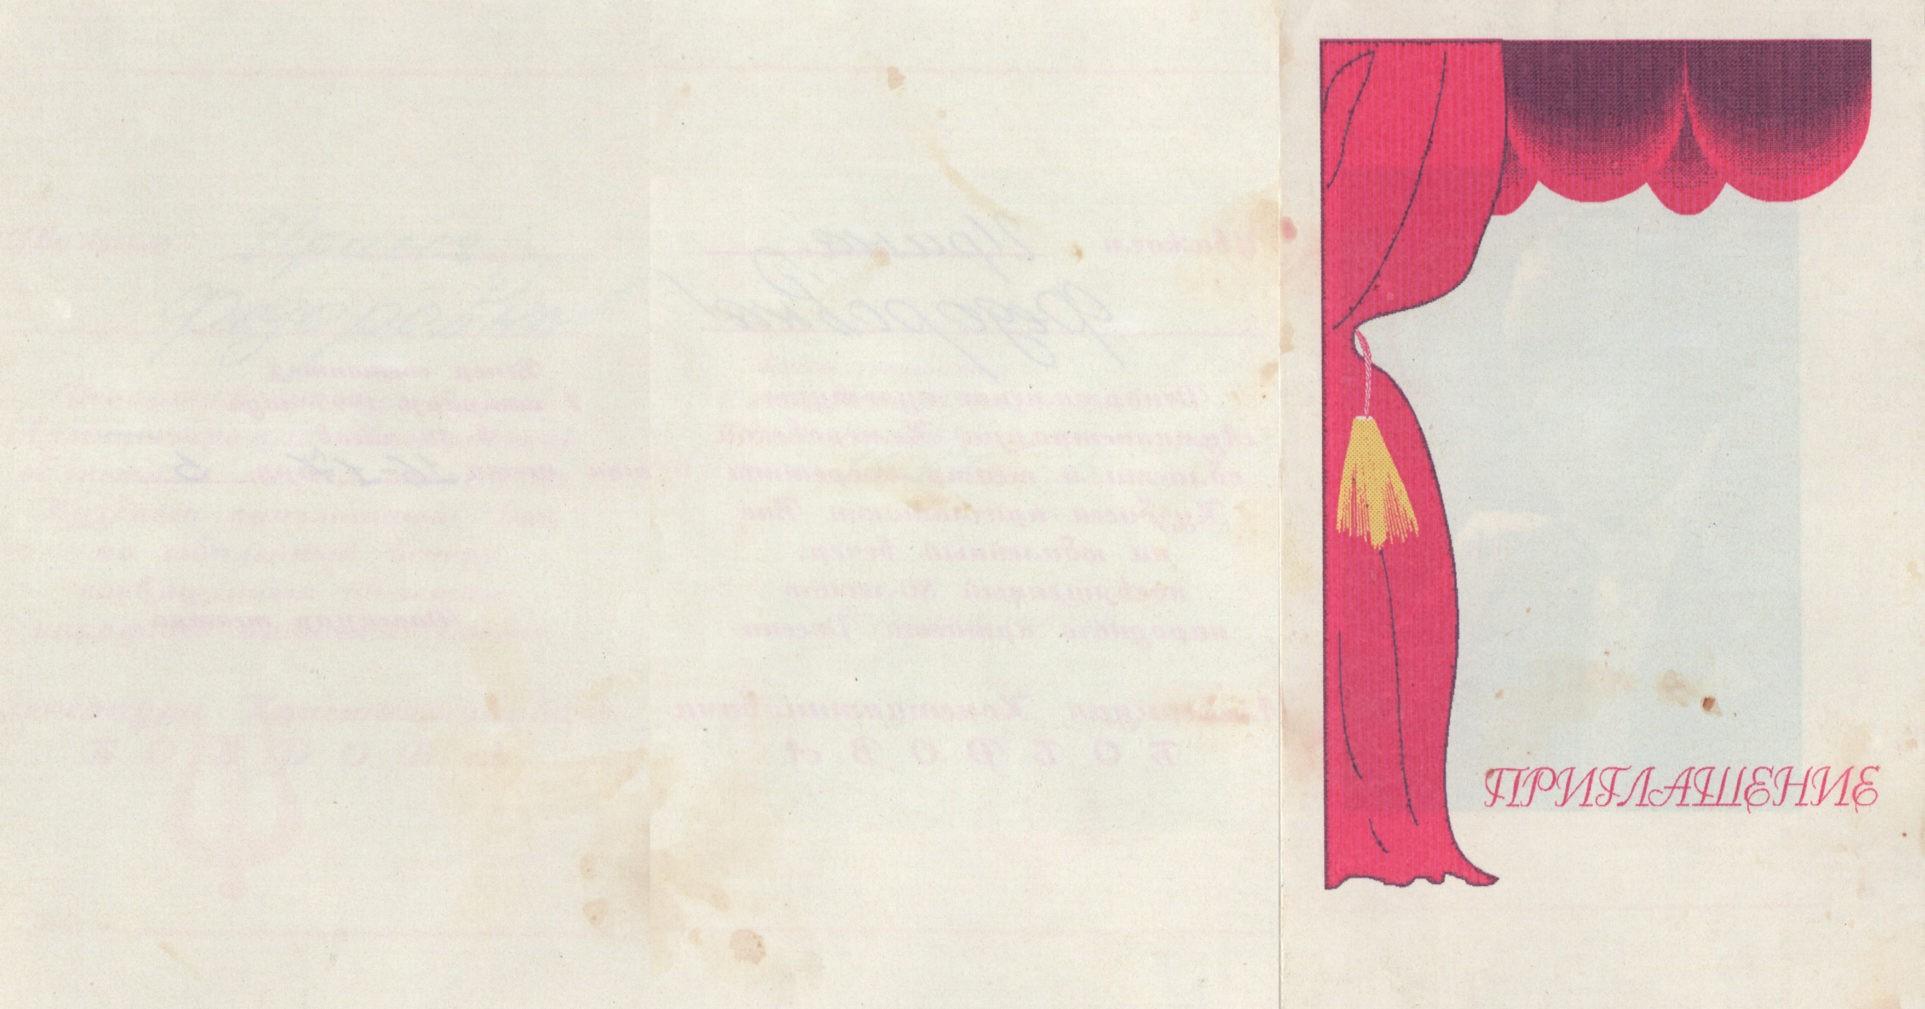 Юбилейный вечер А. Боброва, 7 октября 1995 г.: приглашение